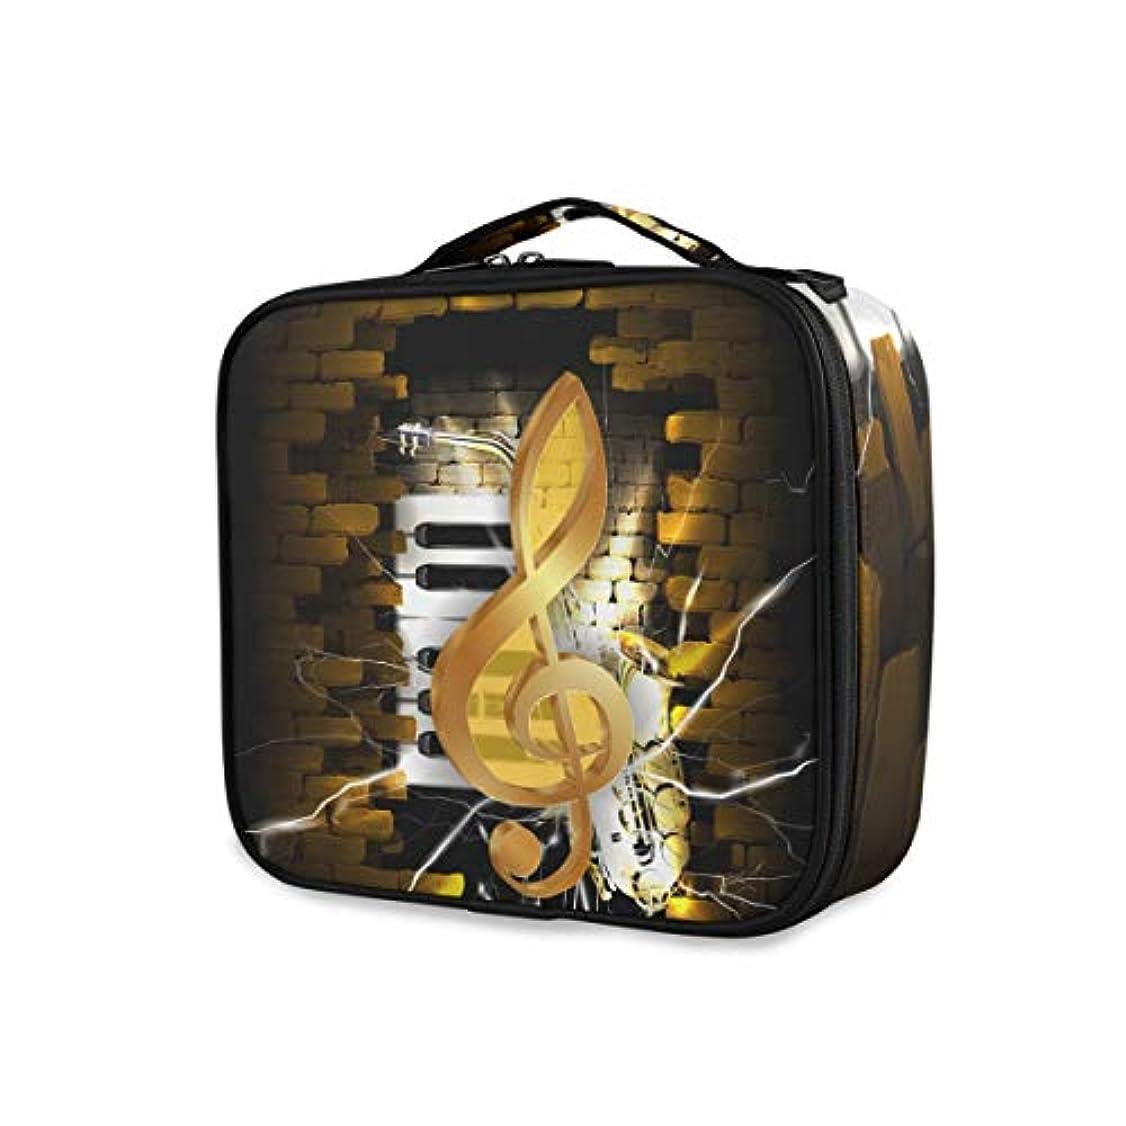 ケニア同級生イースターKAPANOU プロ用 メイクボックス レンガの壁とサックスのピアノのキーの背景に金色のト音記号 多機能 高品質 美容師 マニキュリスト 刺青師 専用 化粧ボックス メイクアップアーティスト 収納ケース メイクブラシ 化粧道具 大容量